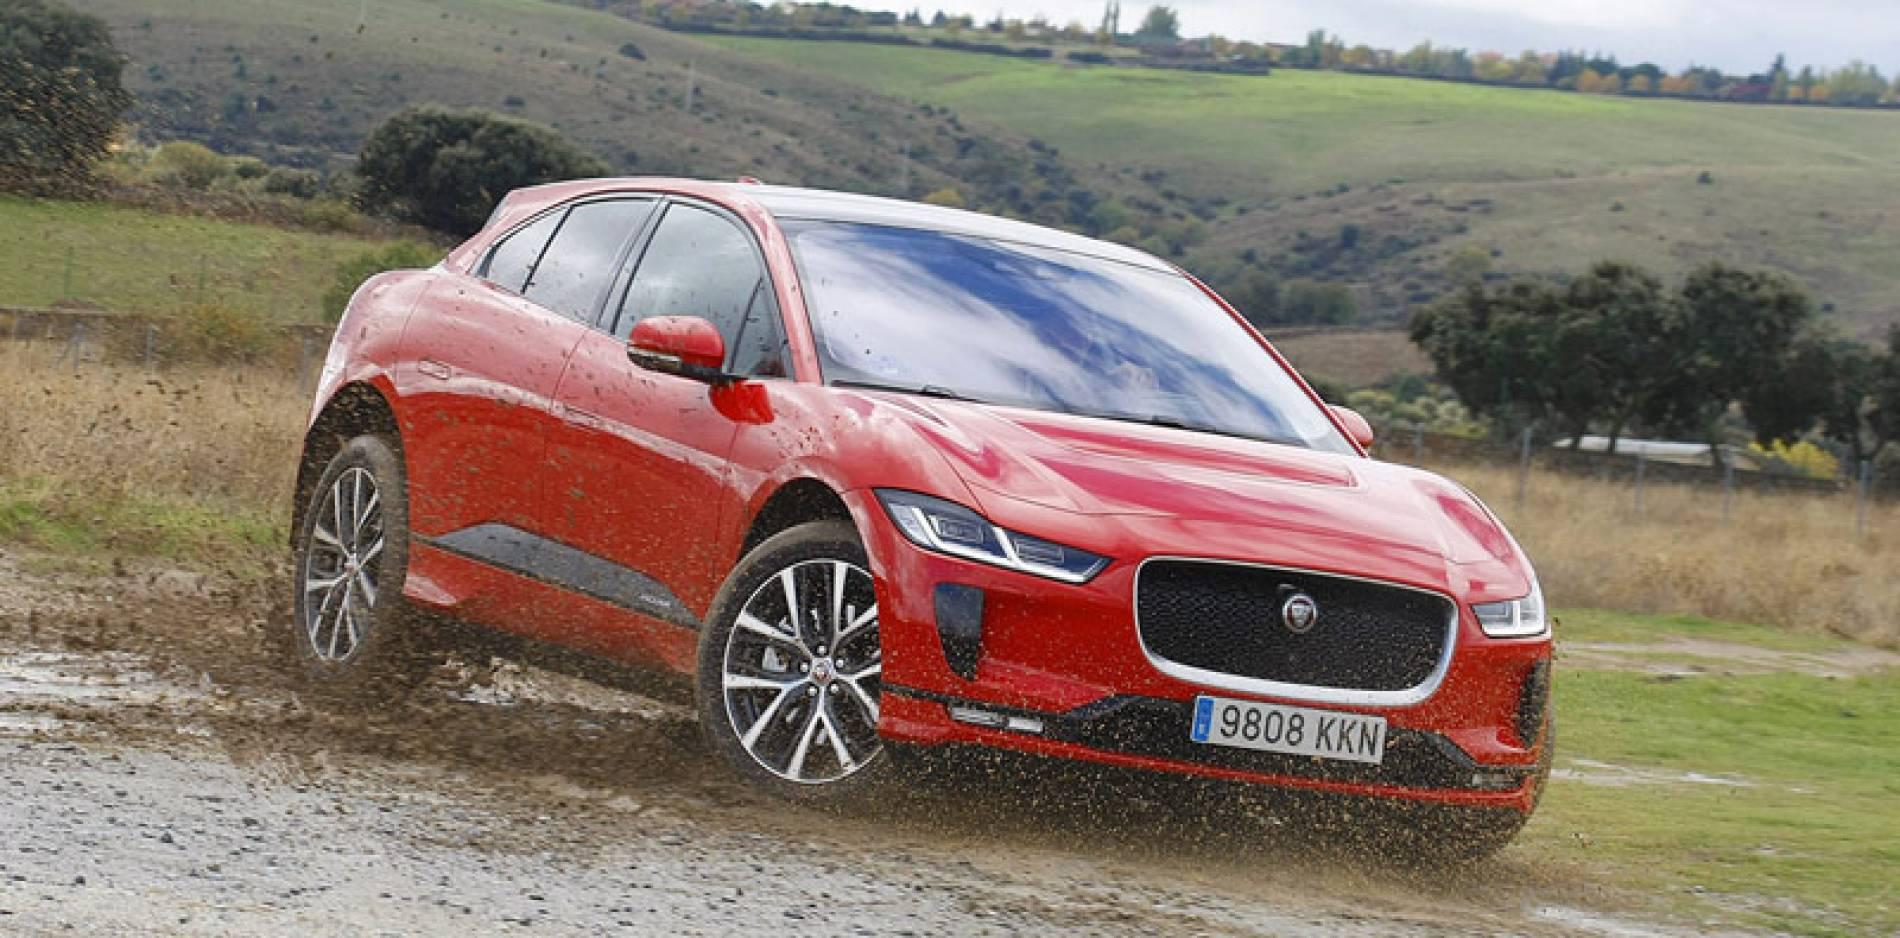 Probamos el Jaguar I-Pace, eléctrico impactante